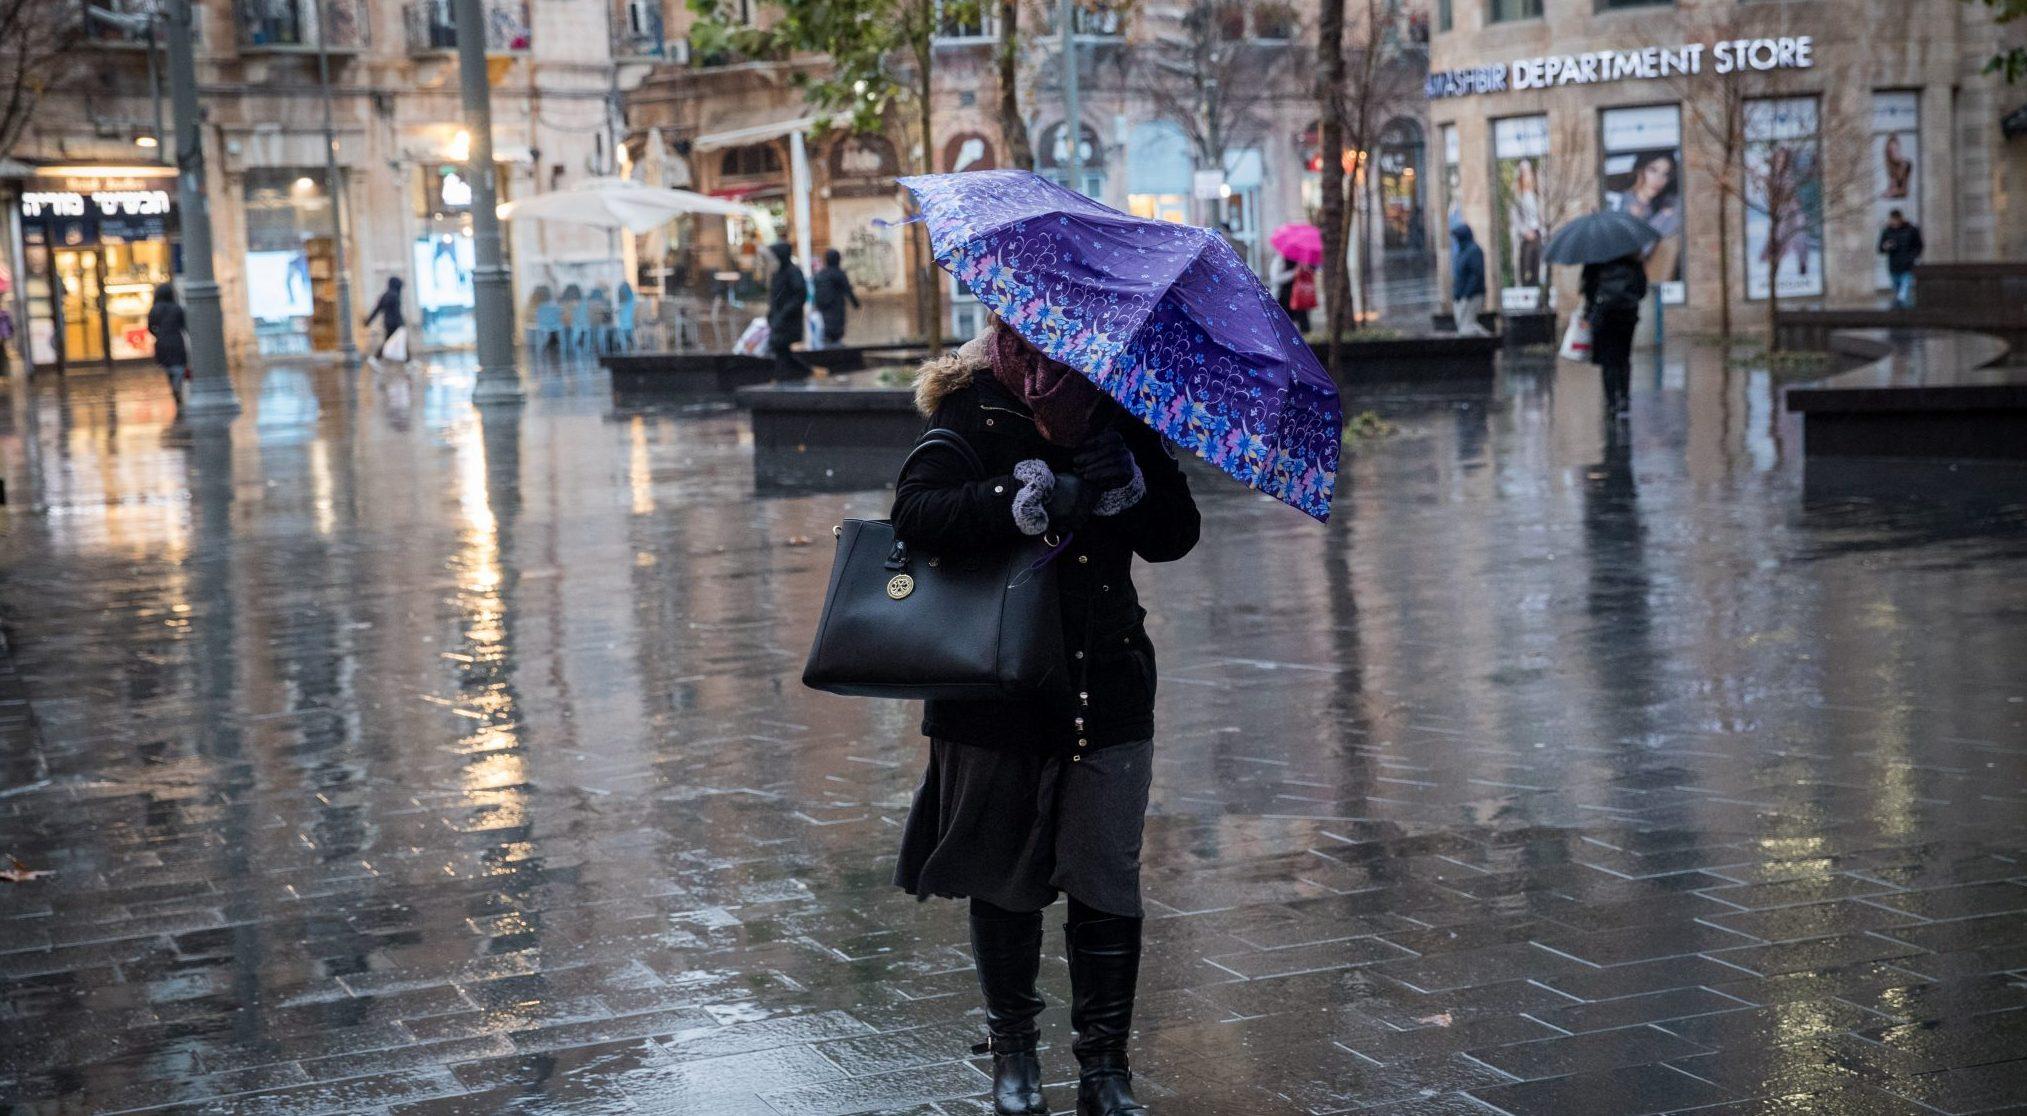 מזג האוויר החורפי | איפה ירדו הכי הרבה גשמים?